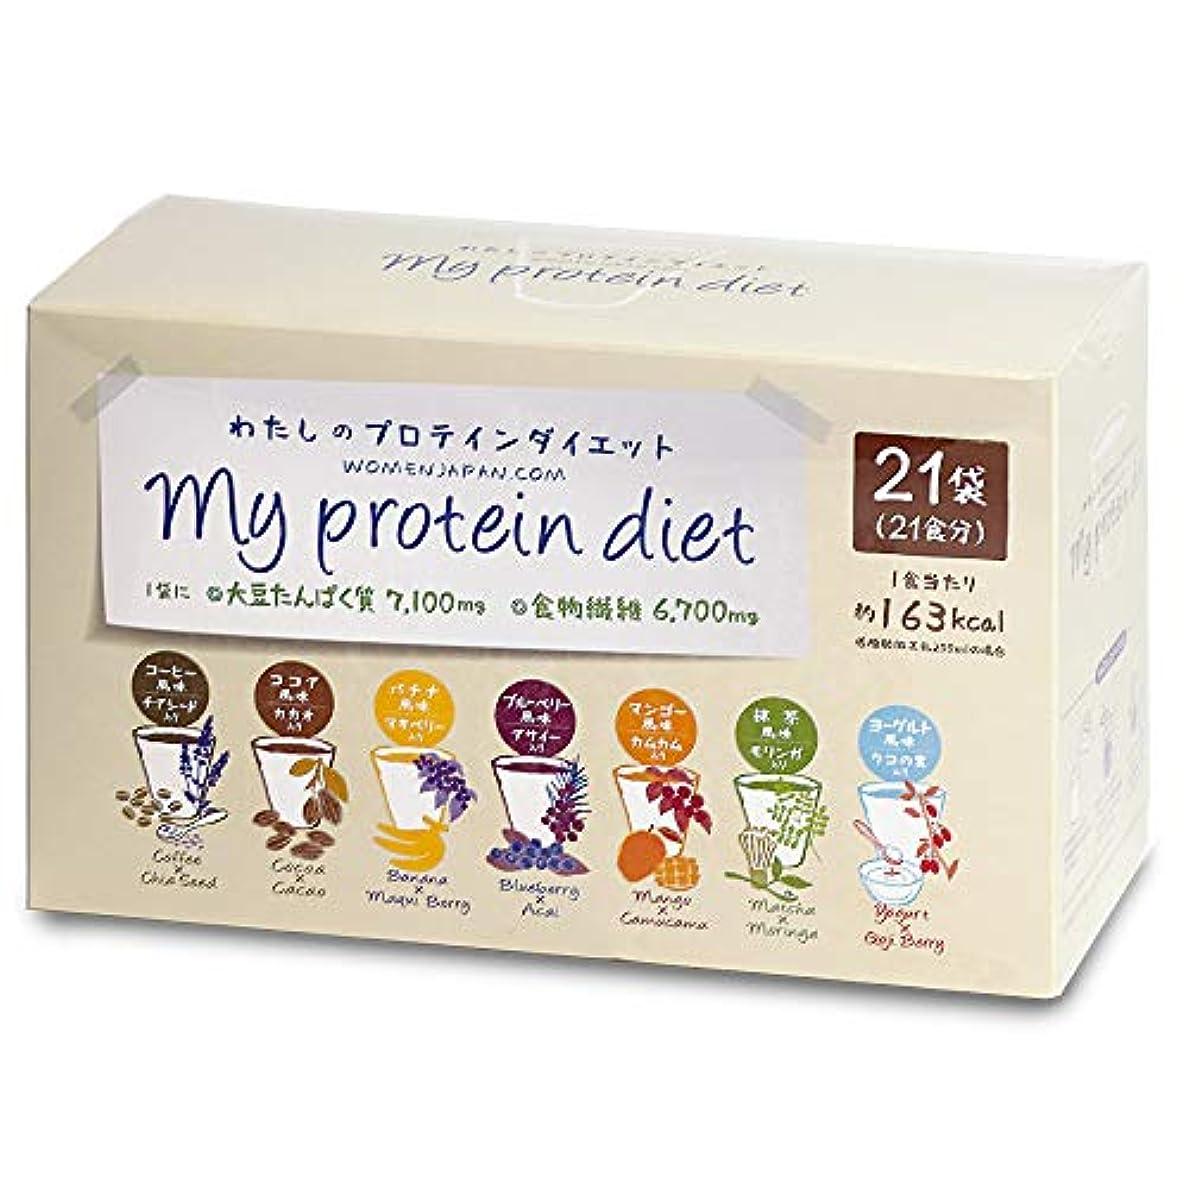 劇作家合金そしてわたしのプロテインダイエット 21食セット 1食置き換えダイエットシェイク 低糖質